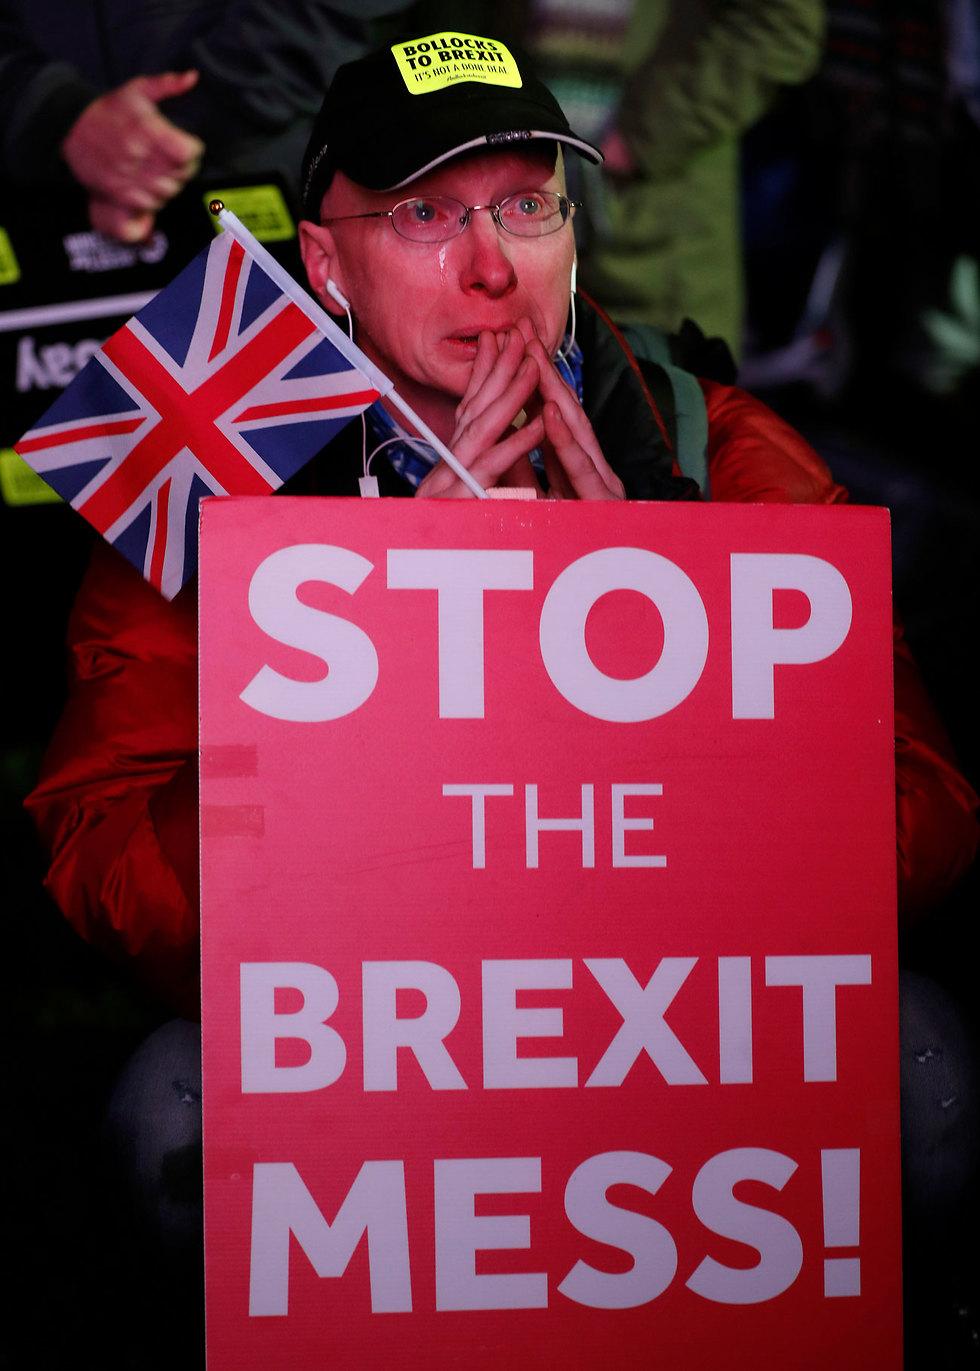 מחאה על הברקזיט מחוץ לבית הנבחרים הבריטי בלונדון (צילום: AP)